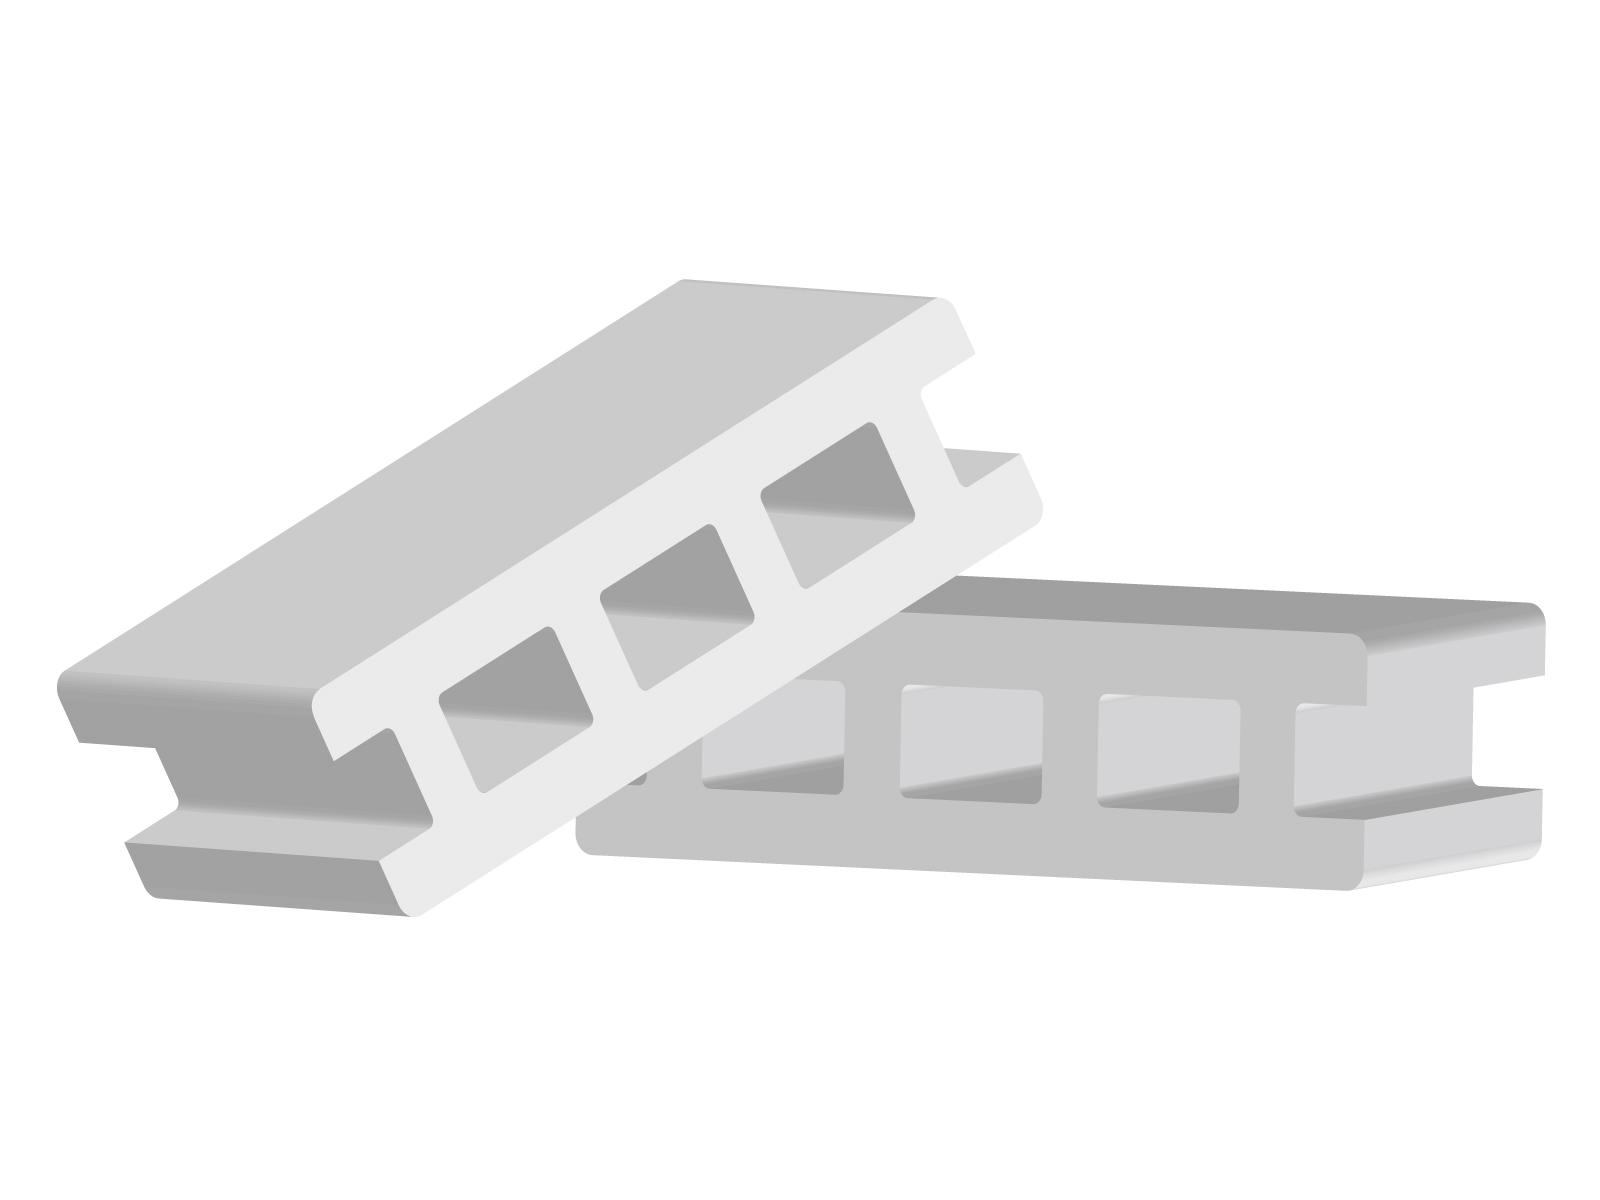 ブロック塀を耐震 補強 強化 強度 工事なら 便利屋 業者/アップターン